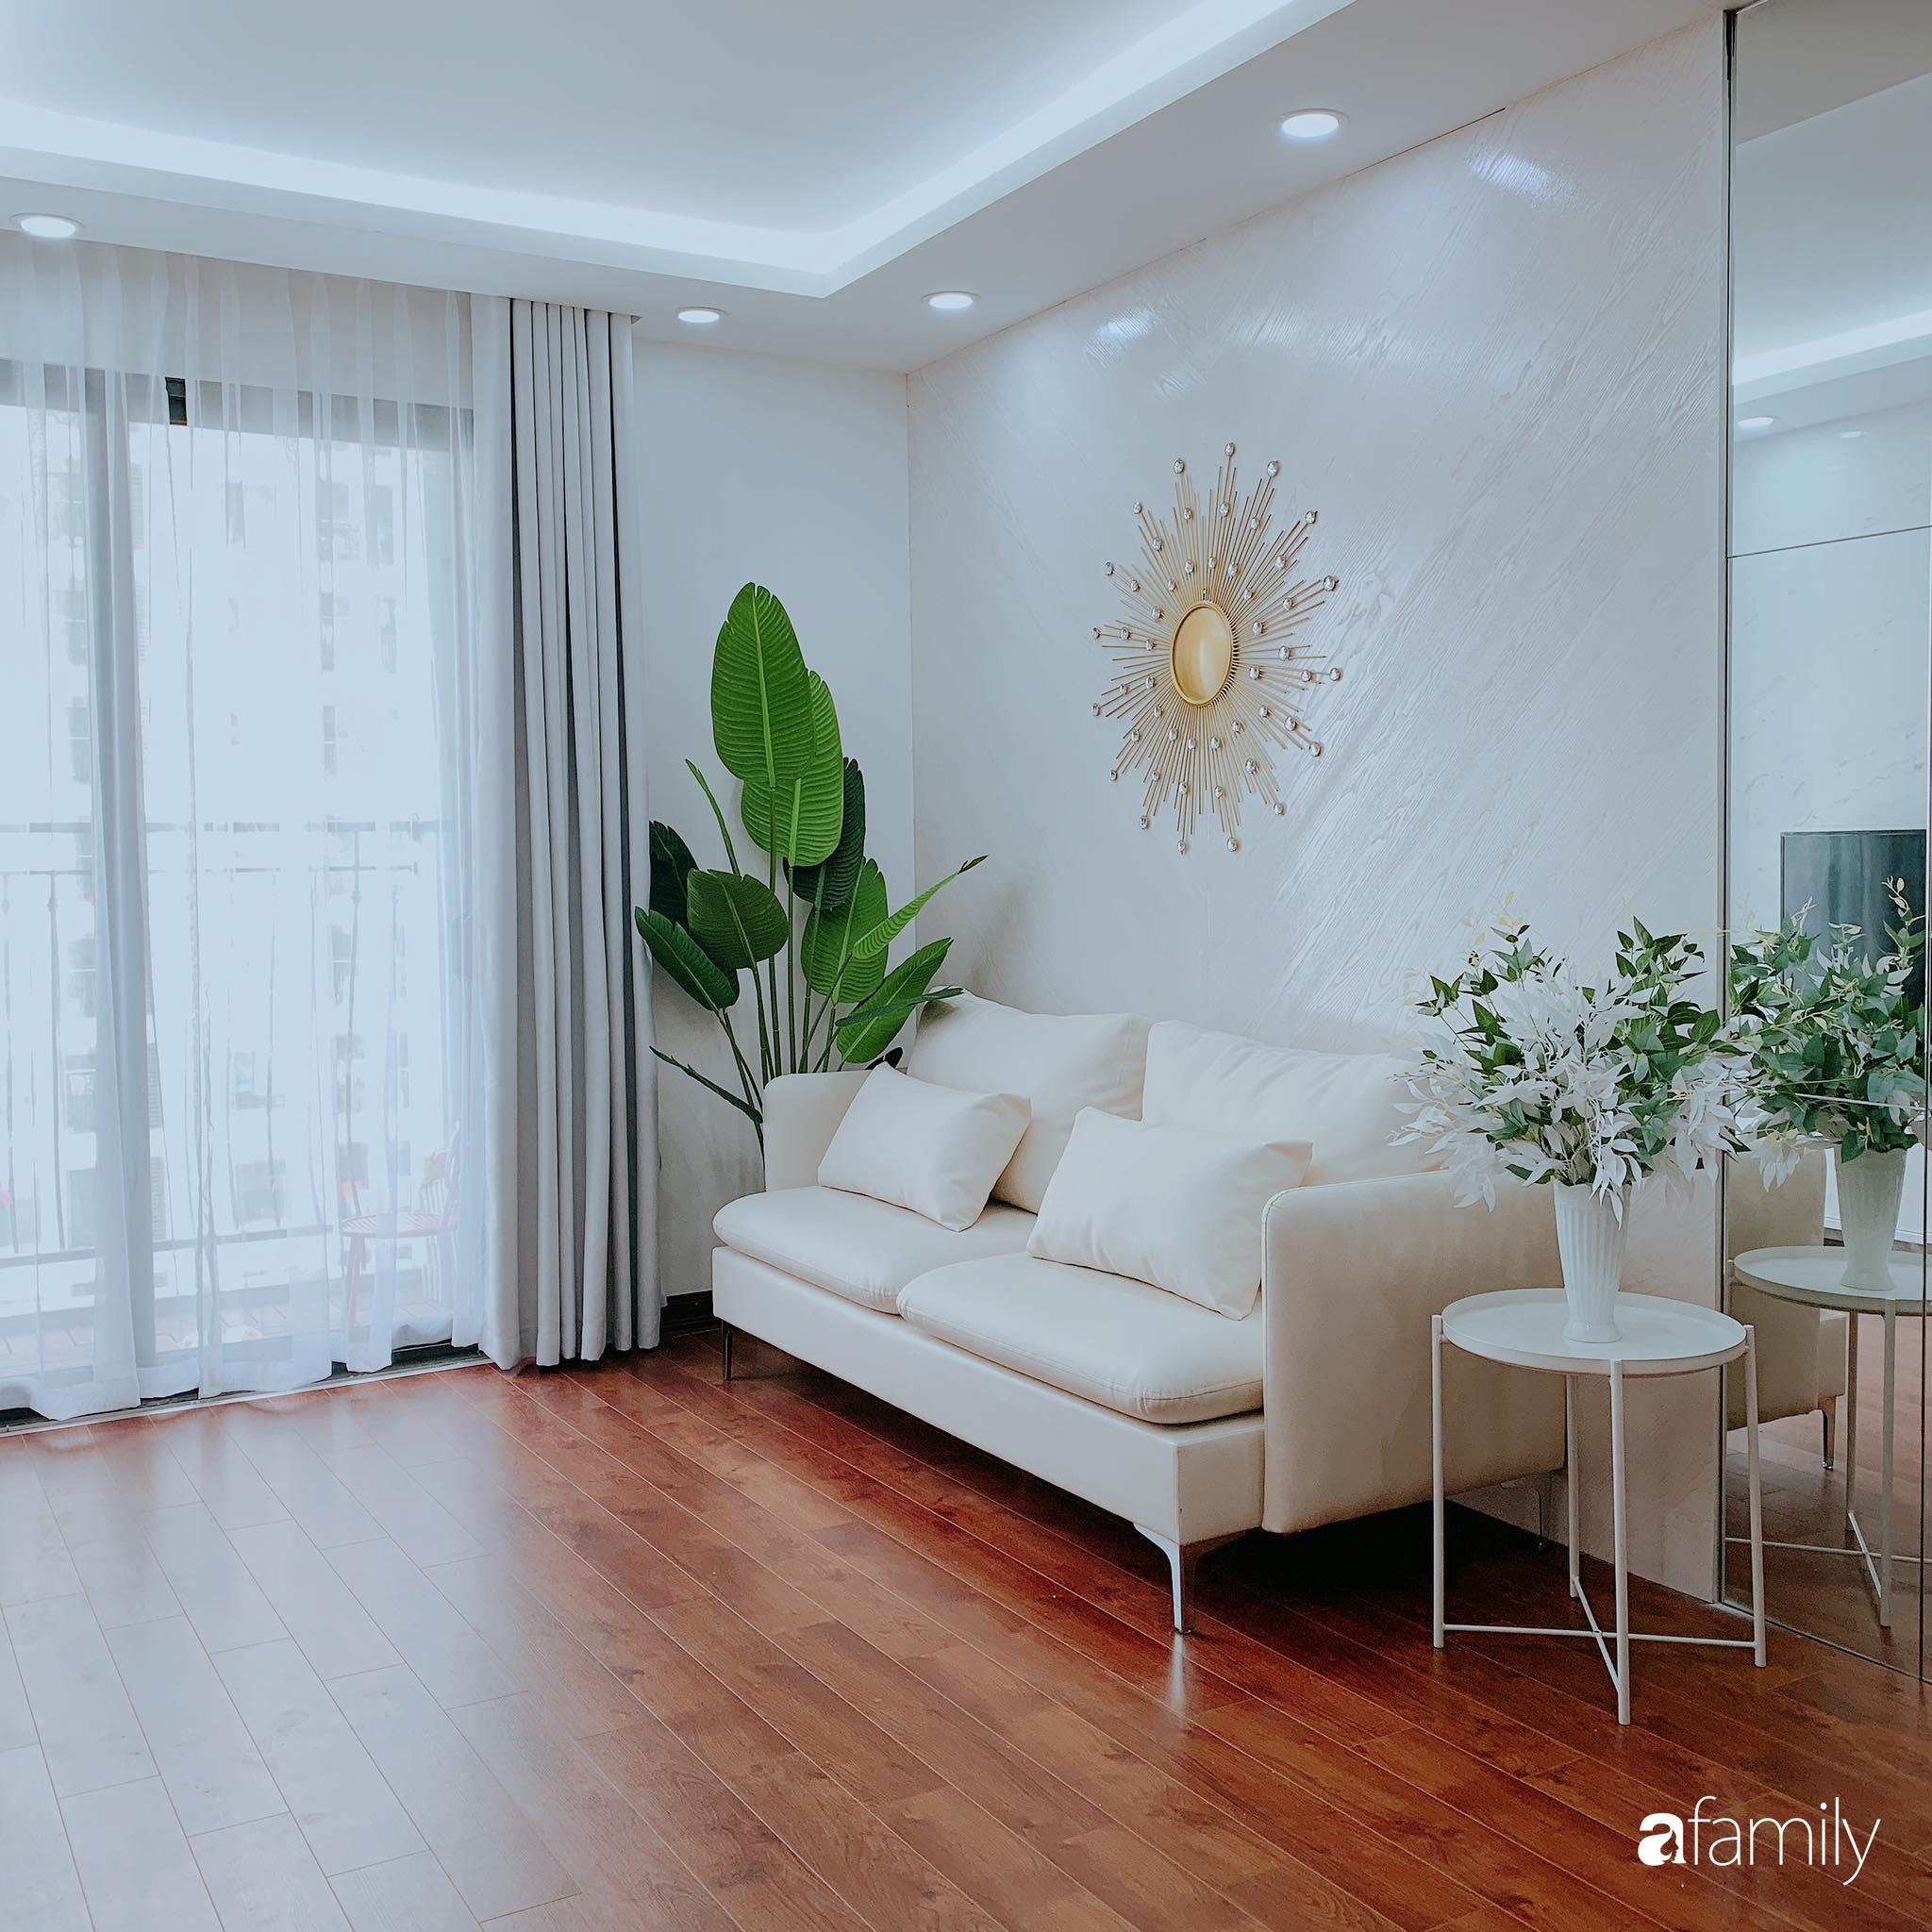 Căn hộ 90m² như được nhân đôi không gian nhờ cách decor khéo léo với màu trắng - ghi ở Hà Nội - Ảnh 4.